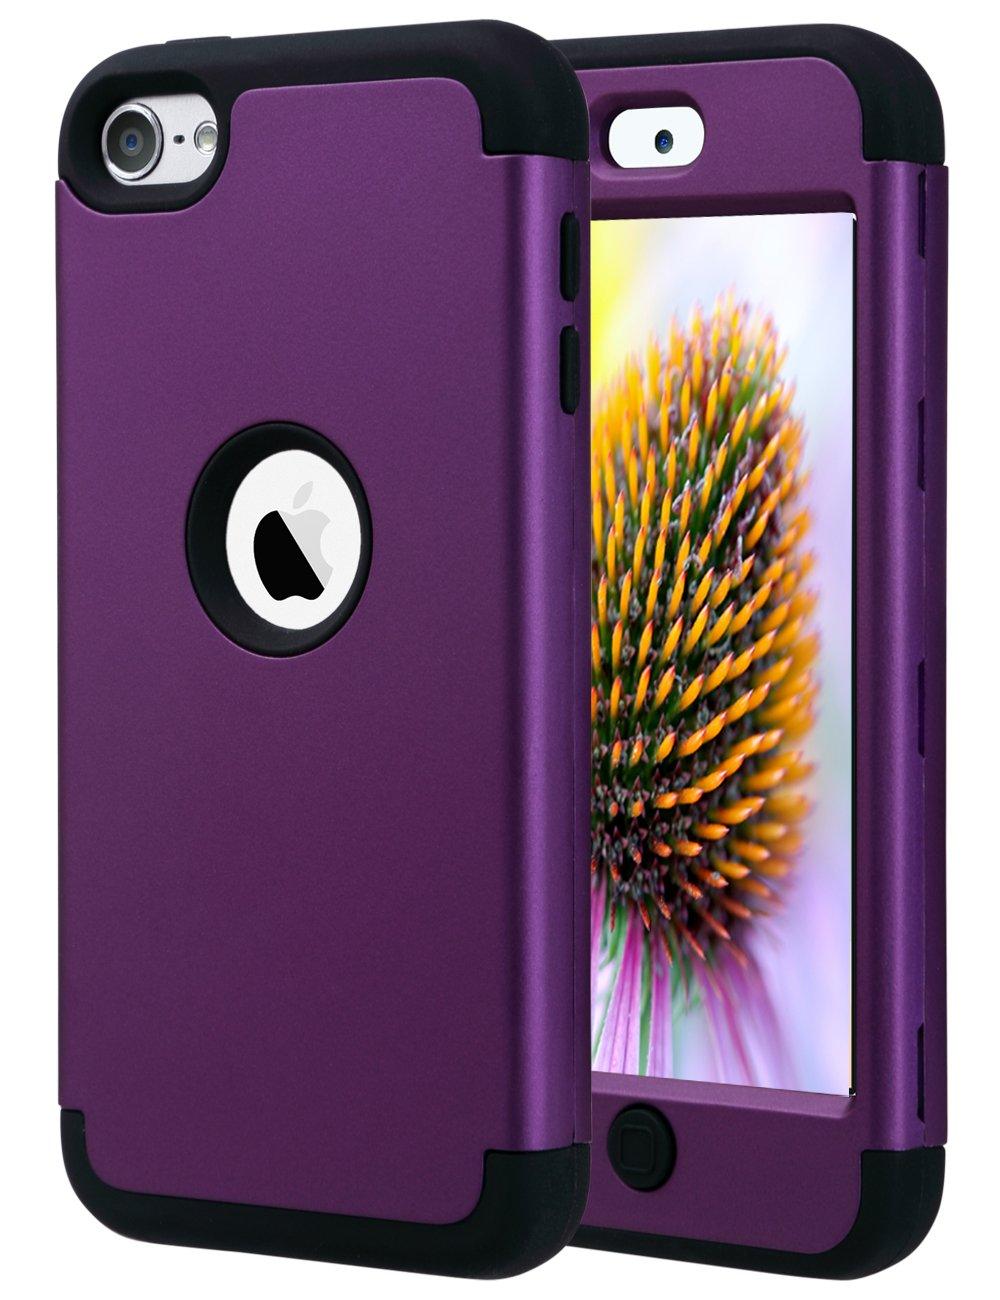 Funda Para iPod Touch 5, 6 Y 7 Generacion (violeta Y Negra)